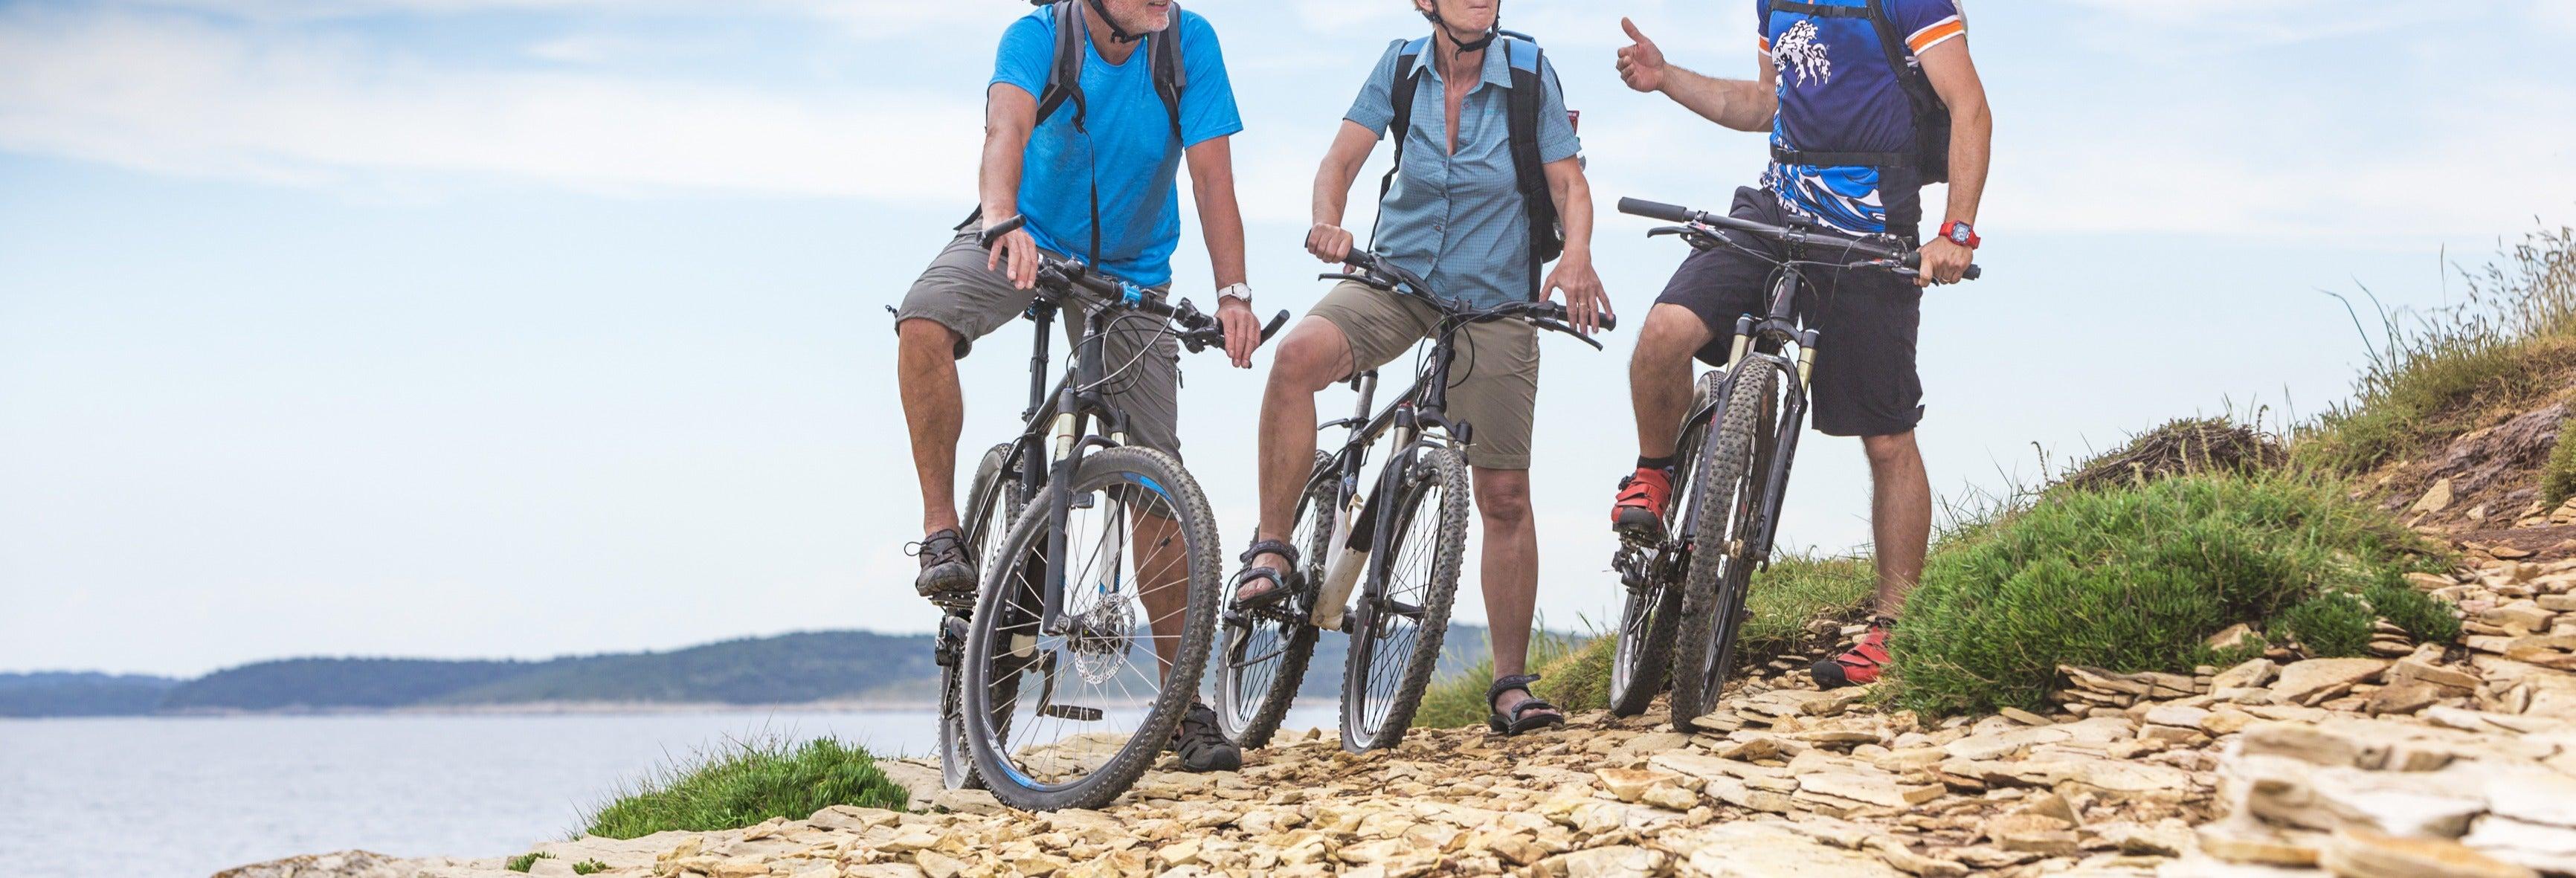 Balade à vélo électrique dans Cozumel